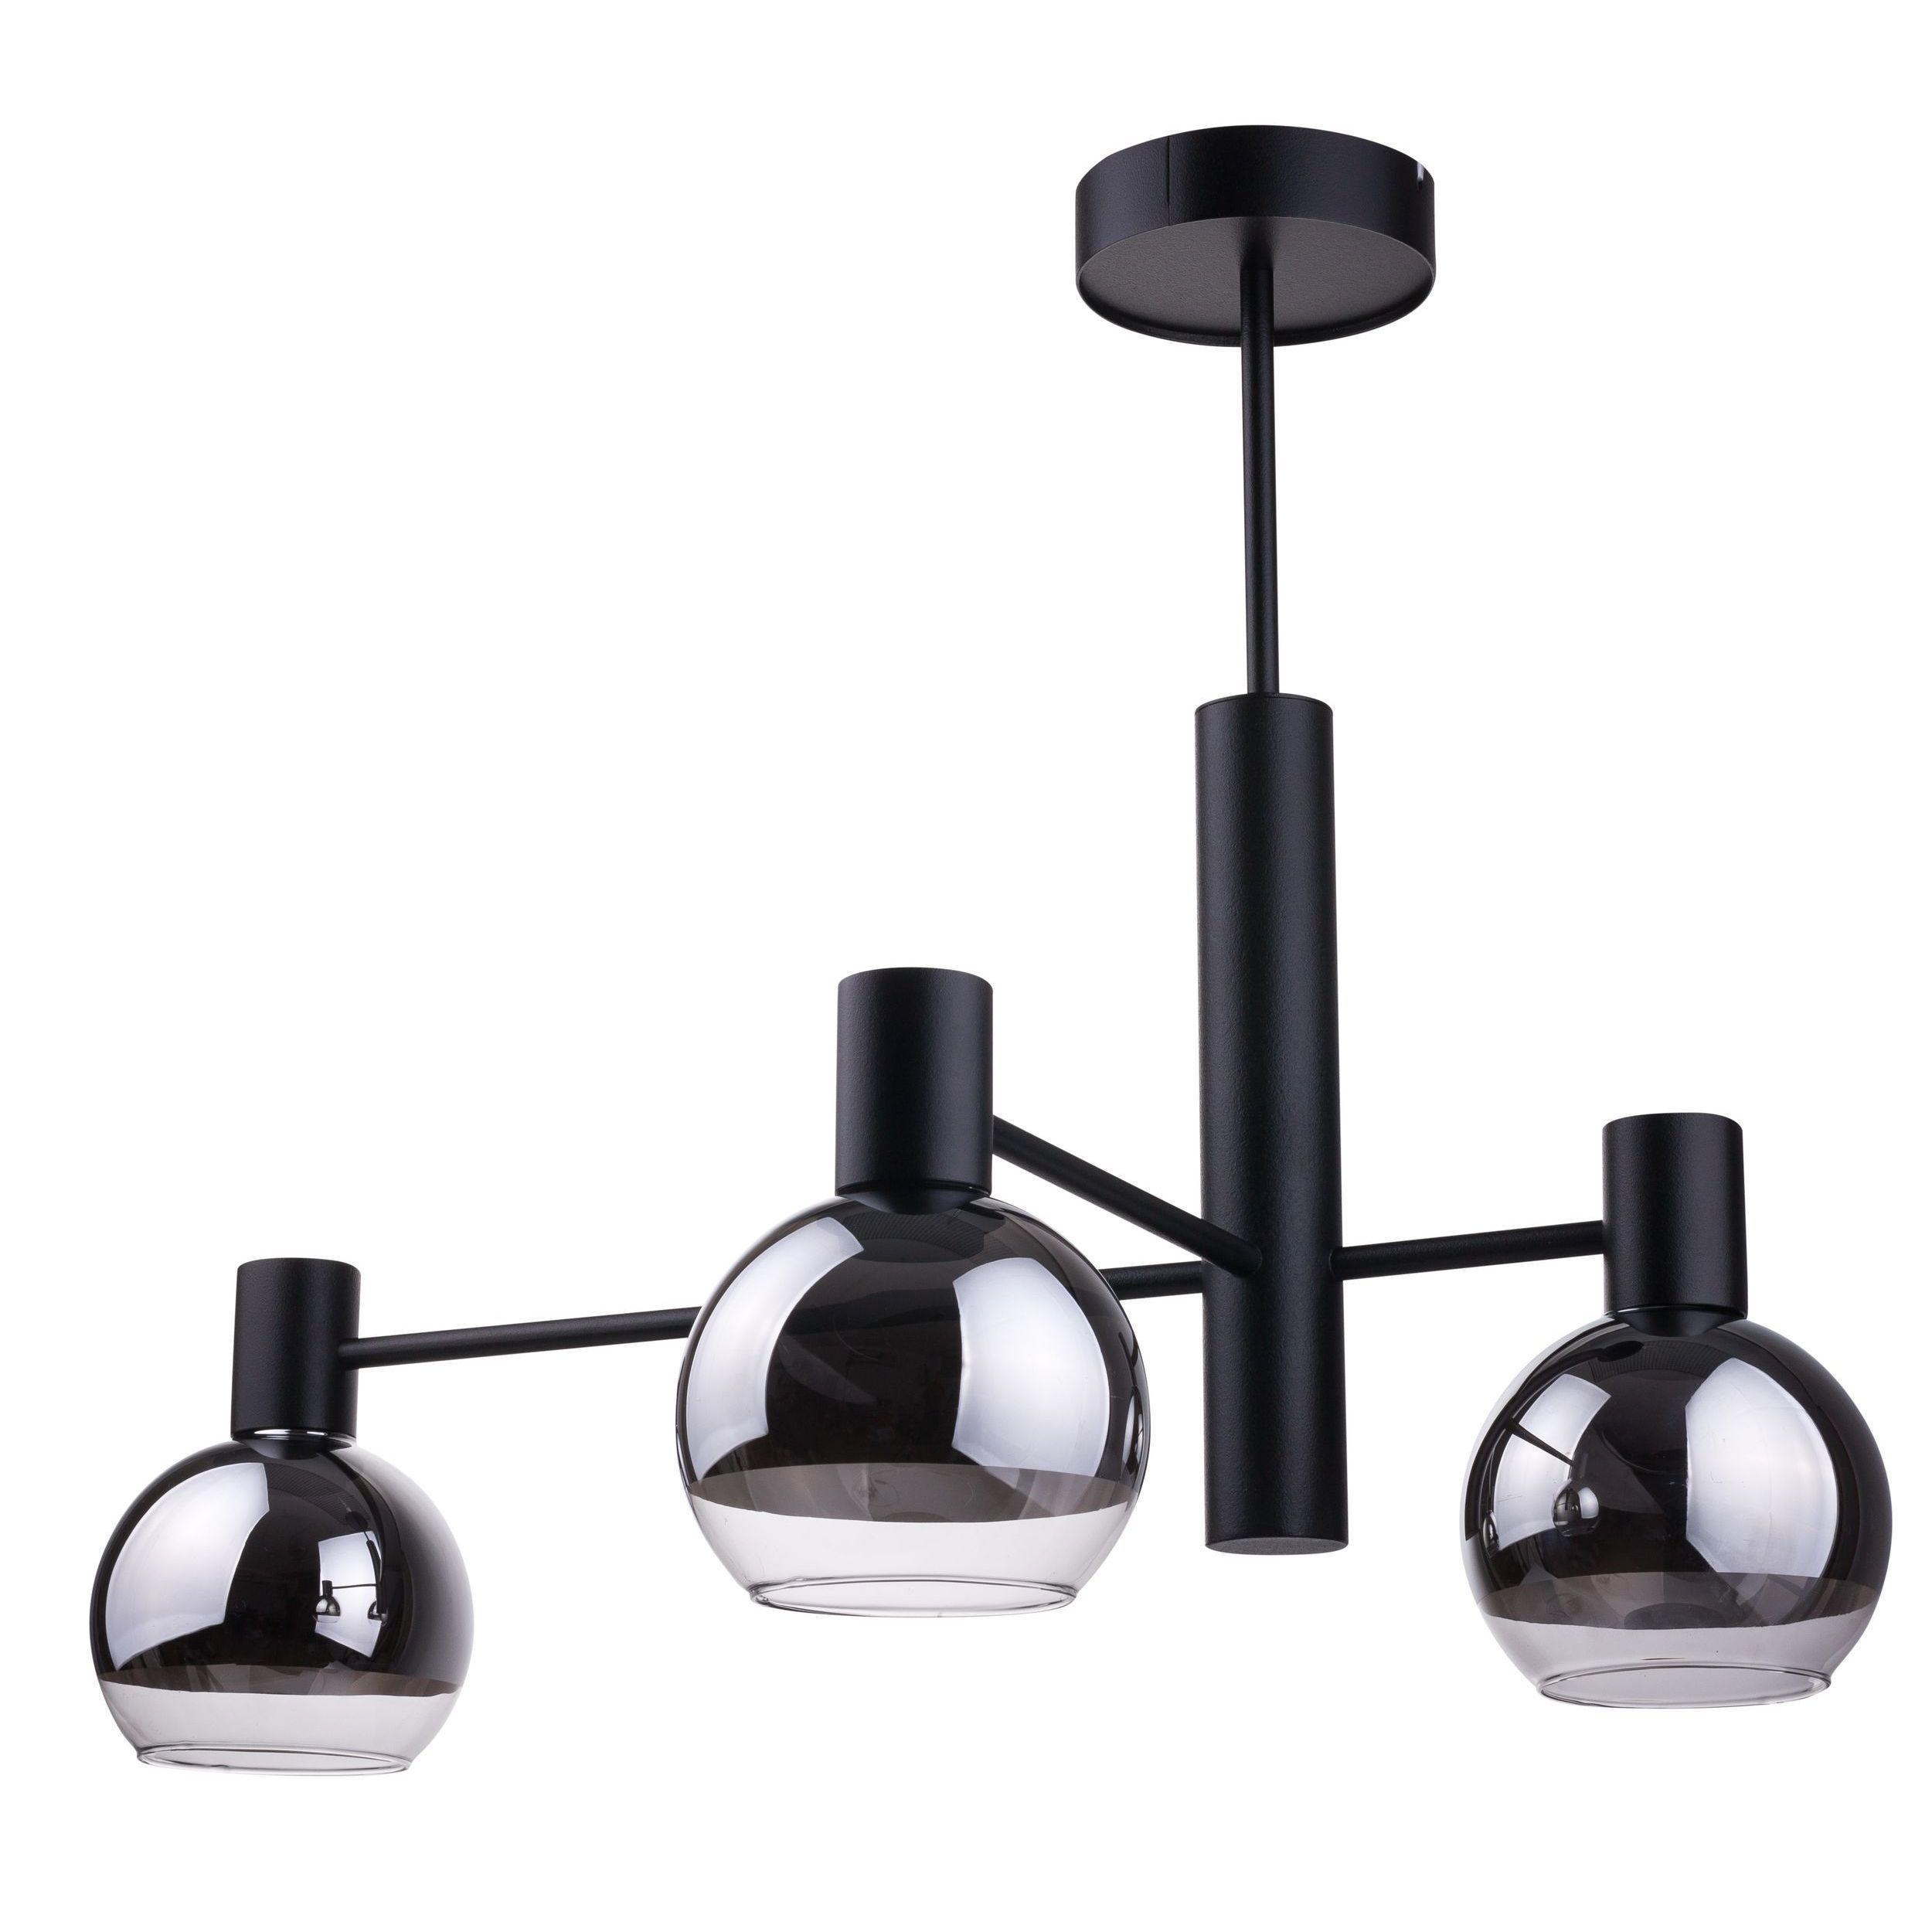 Lampa sufitowa Sigma Gala x3 Skos